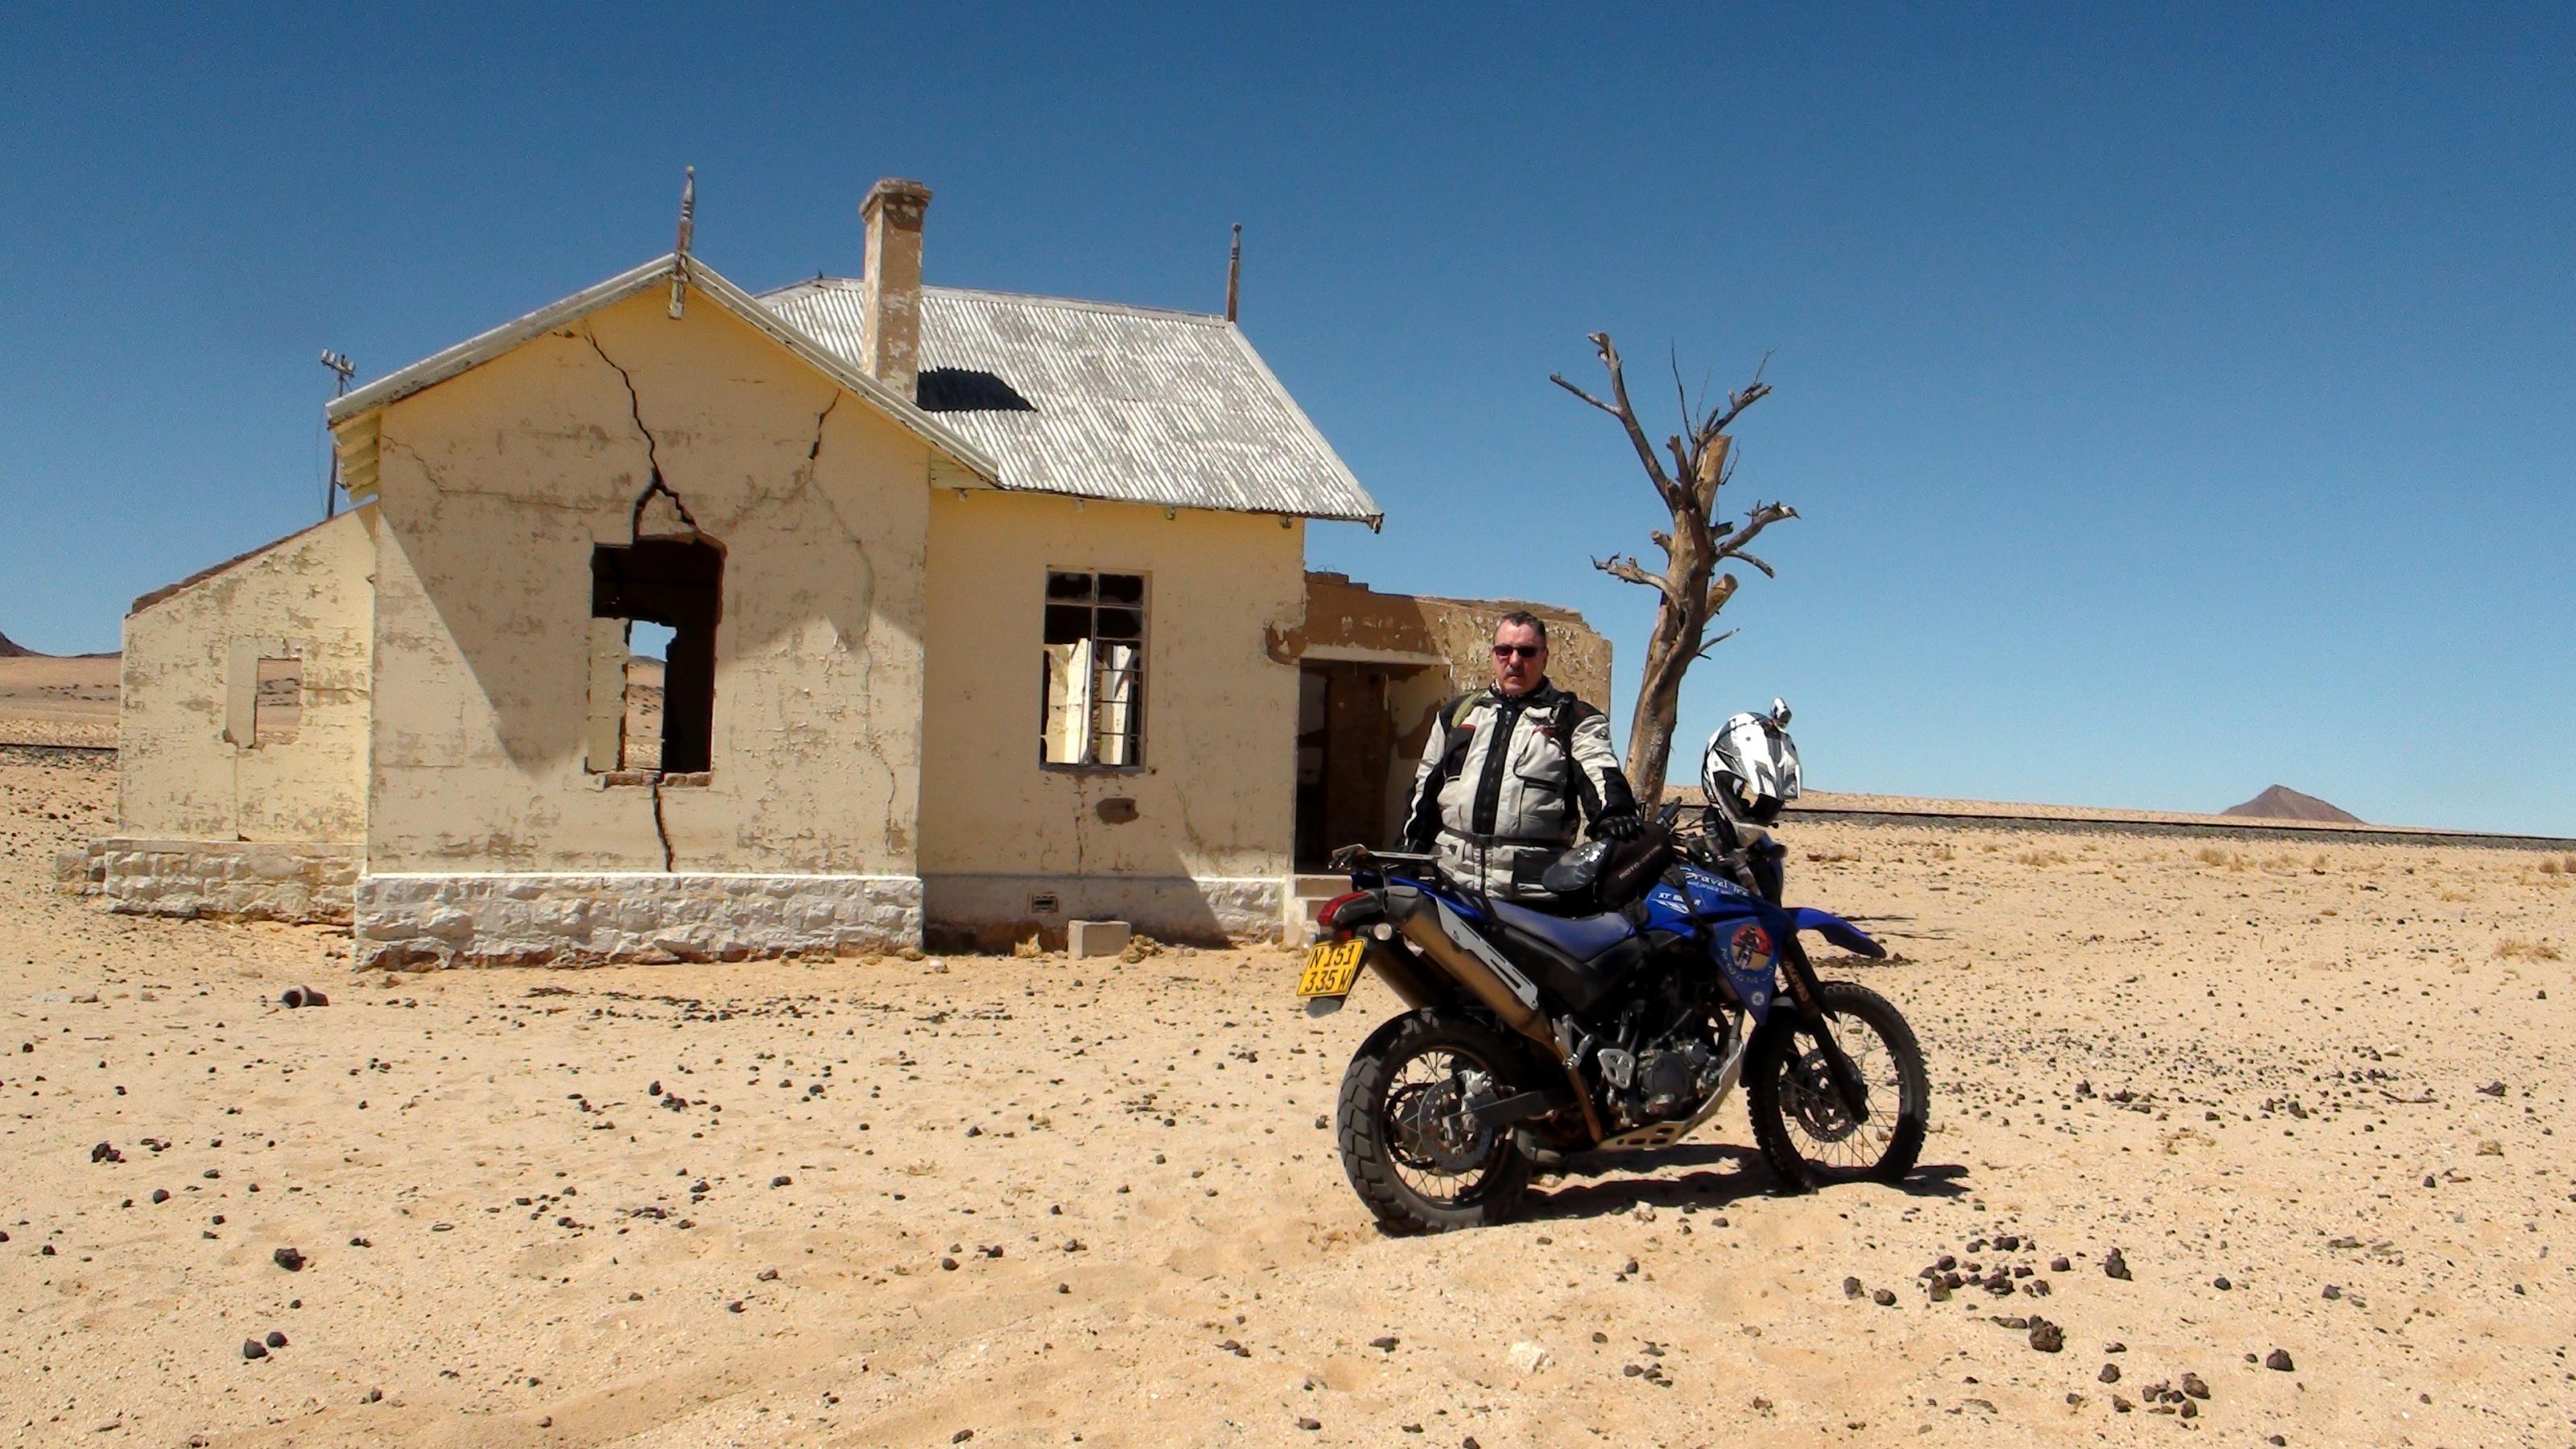 namibia_s-dafrika2015_293a.jpg